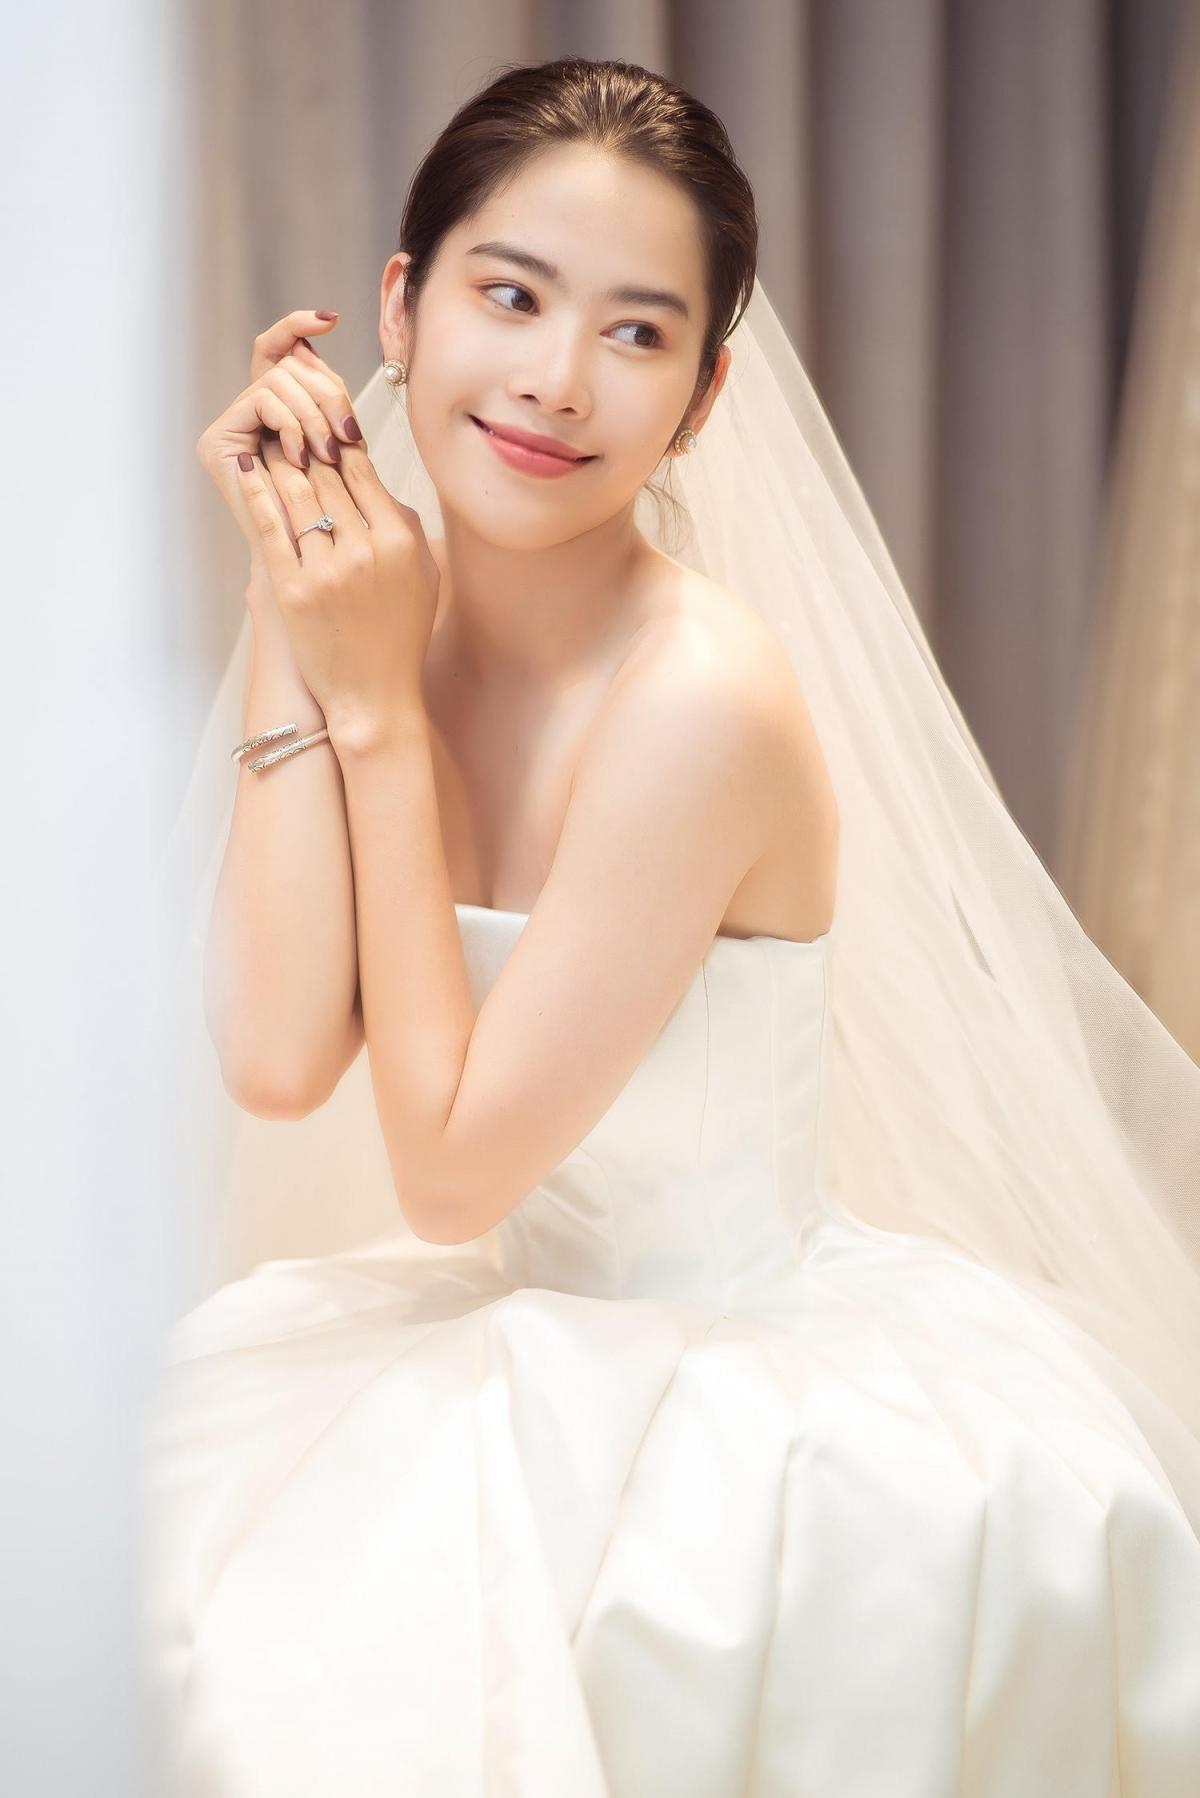 Ngay khi úp mở chia sẻ hình ảnh mặc váy cưới lên trang cá nhân, cô nhận được nhiều phản hồi tích cực, lời khen của khán giả.